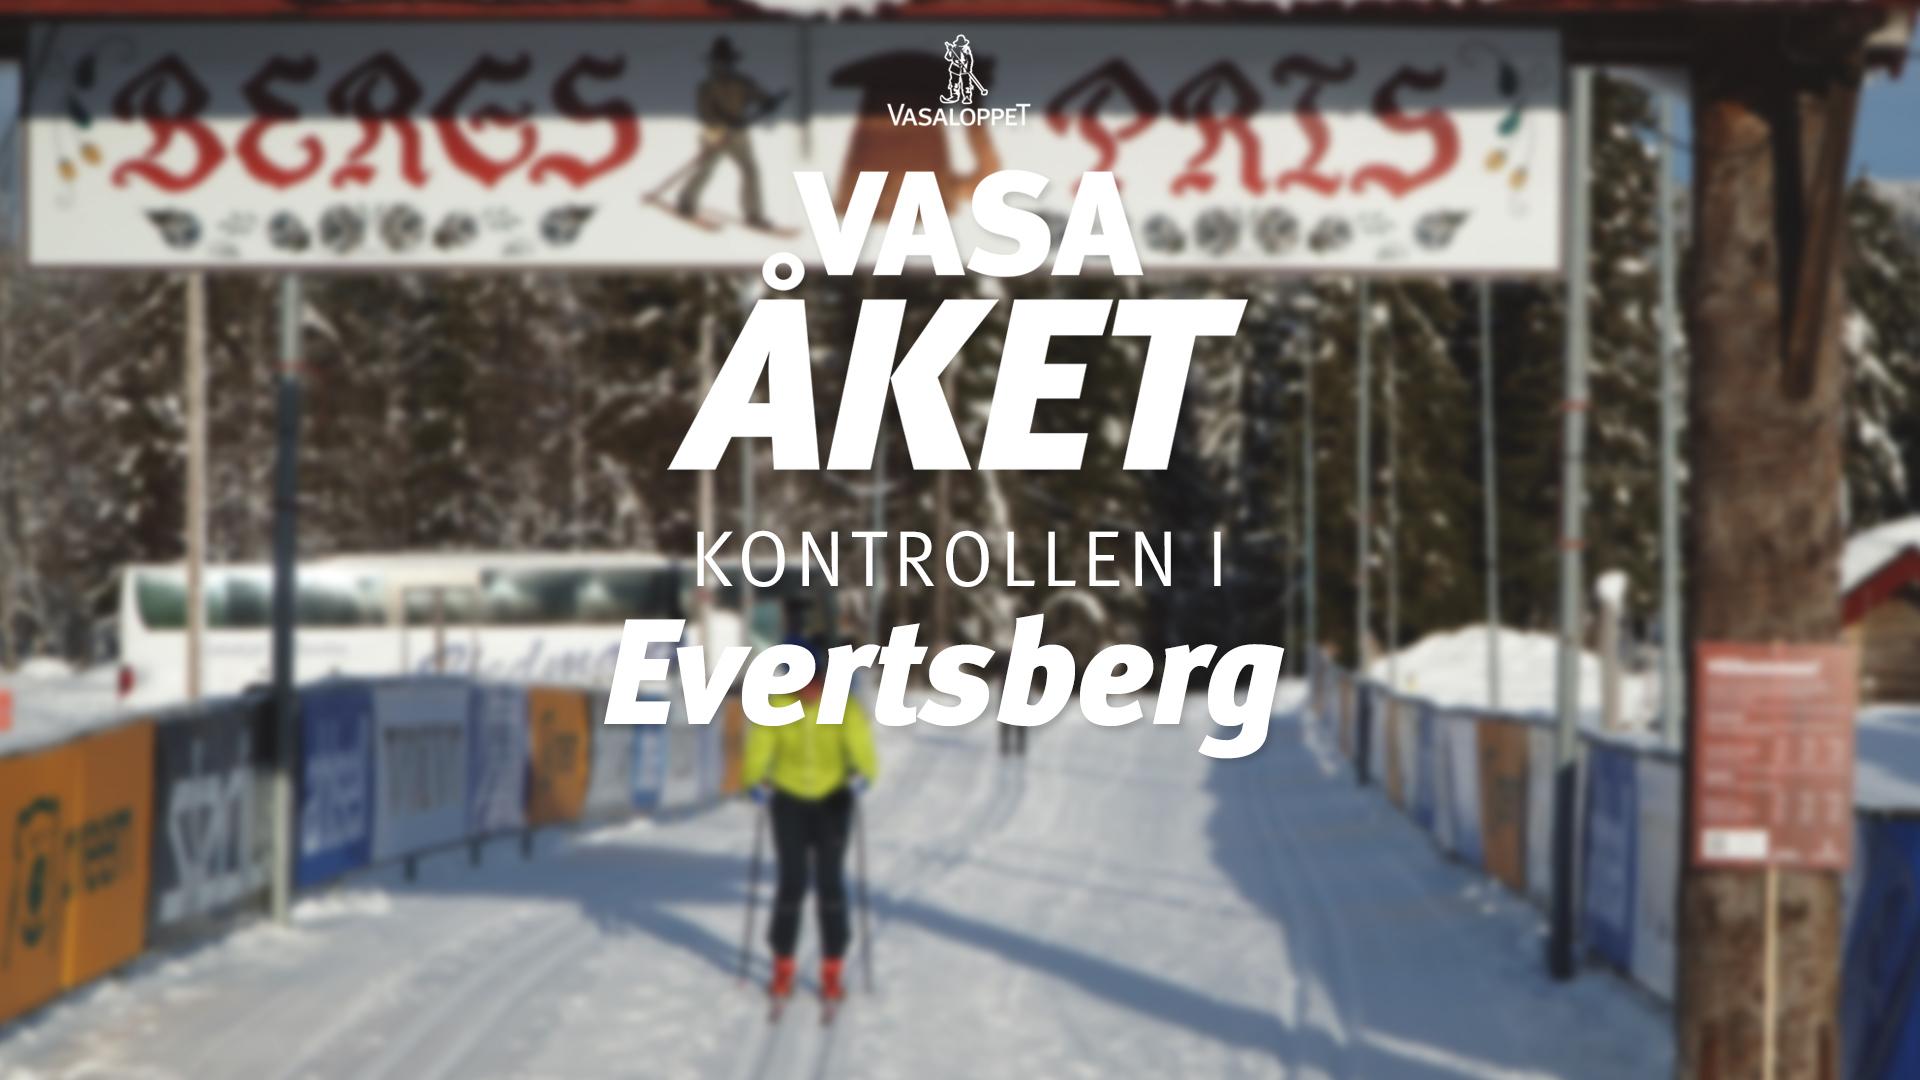 21 februari, 2021 – Evertsberg